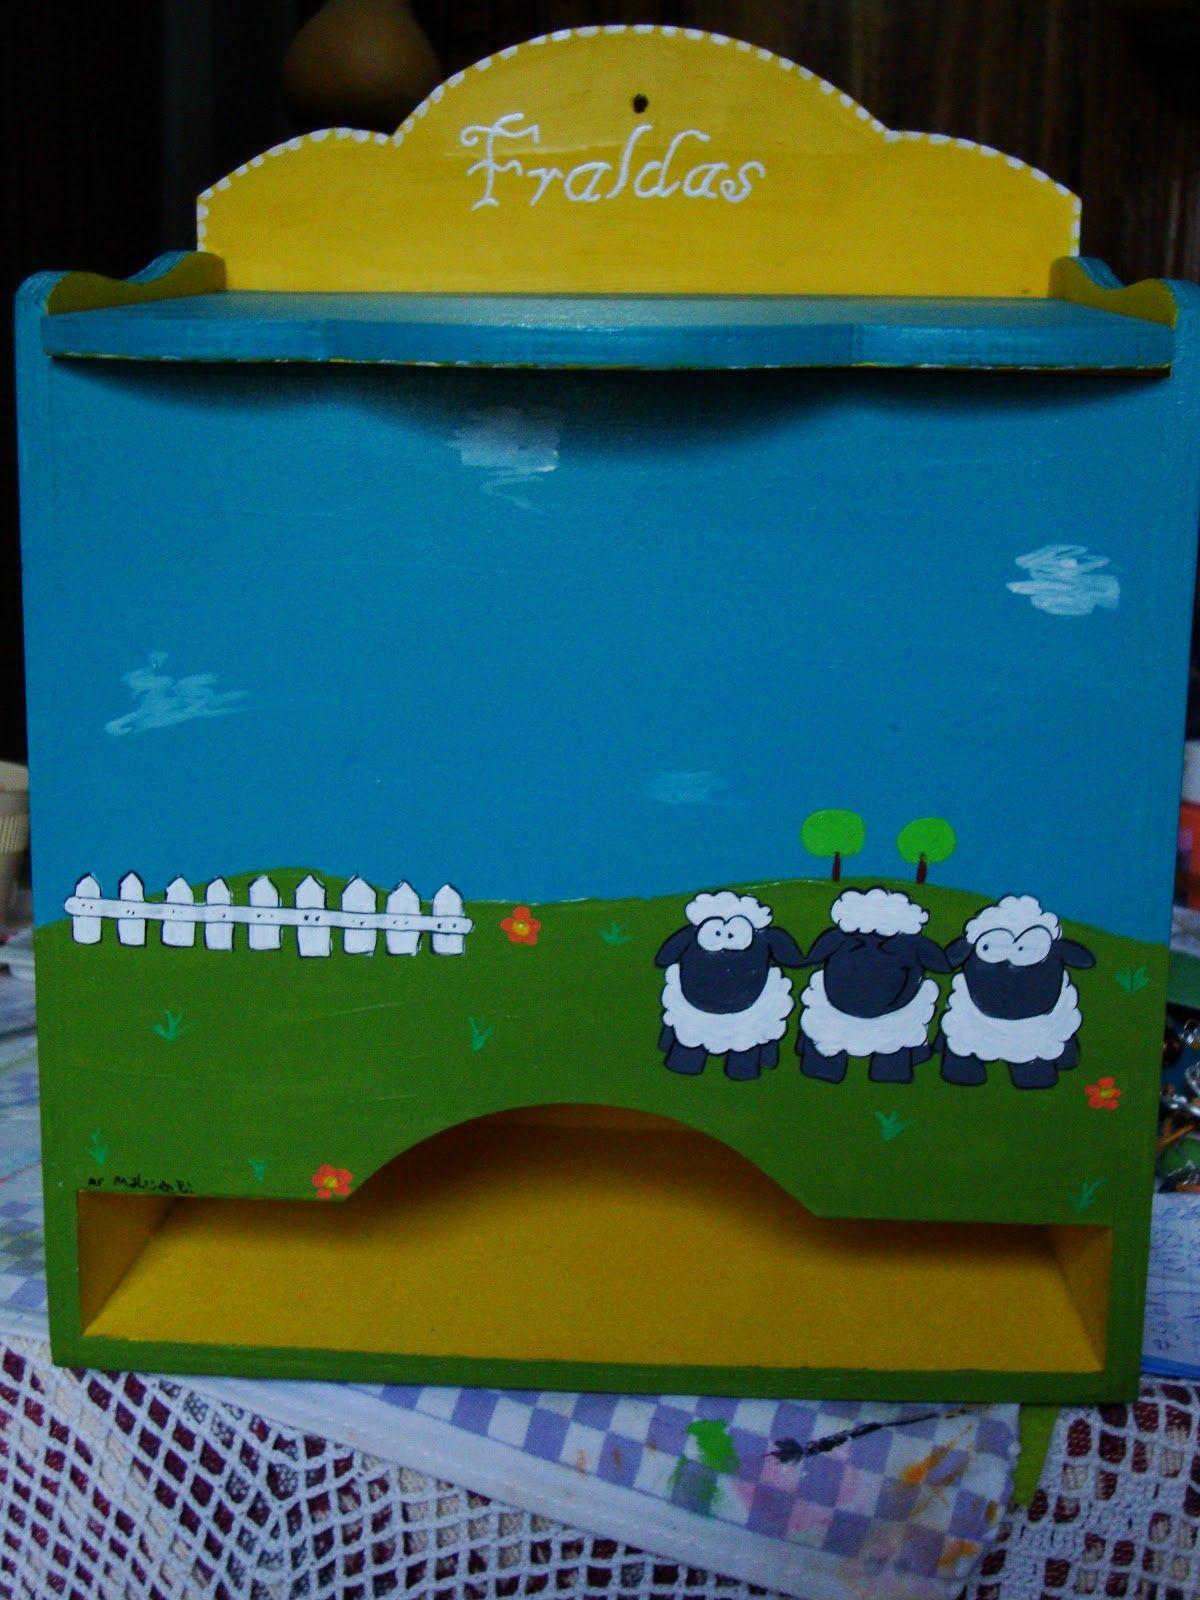 Acho super fofo estas ovelhas :)  http://asmalasdabi.blogspot.pt/2012/12/fraldario-cheio-de-ovelhas-loucas.html